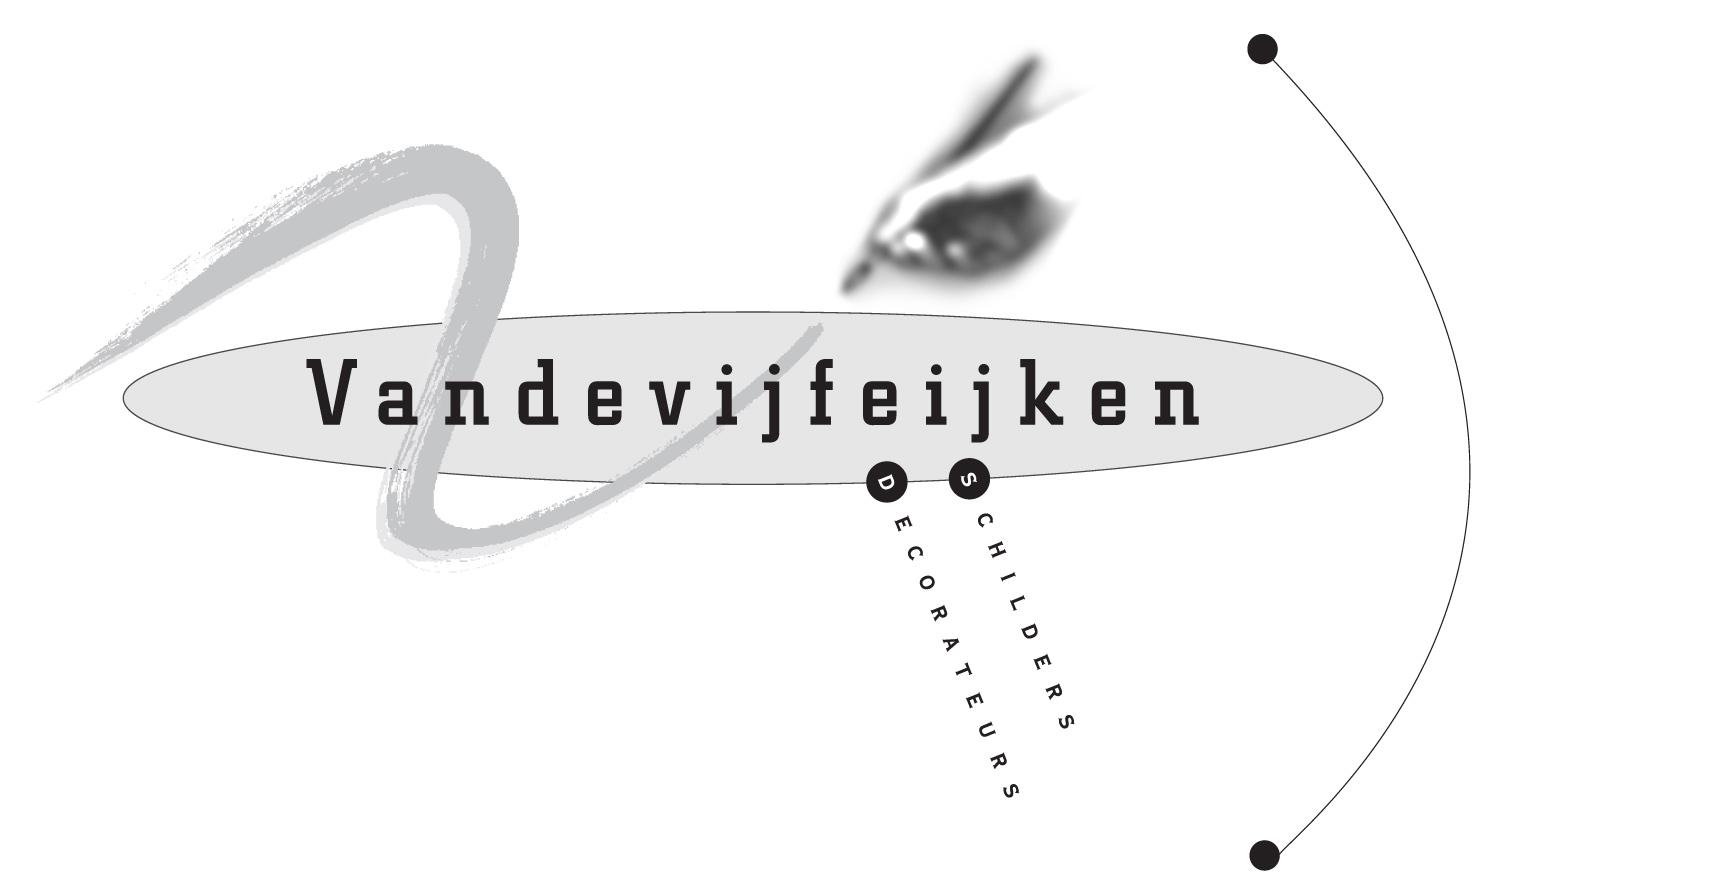 vandevijfeijken.PDF